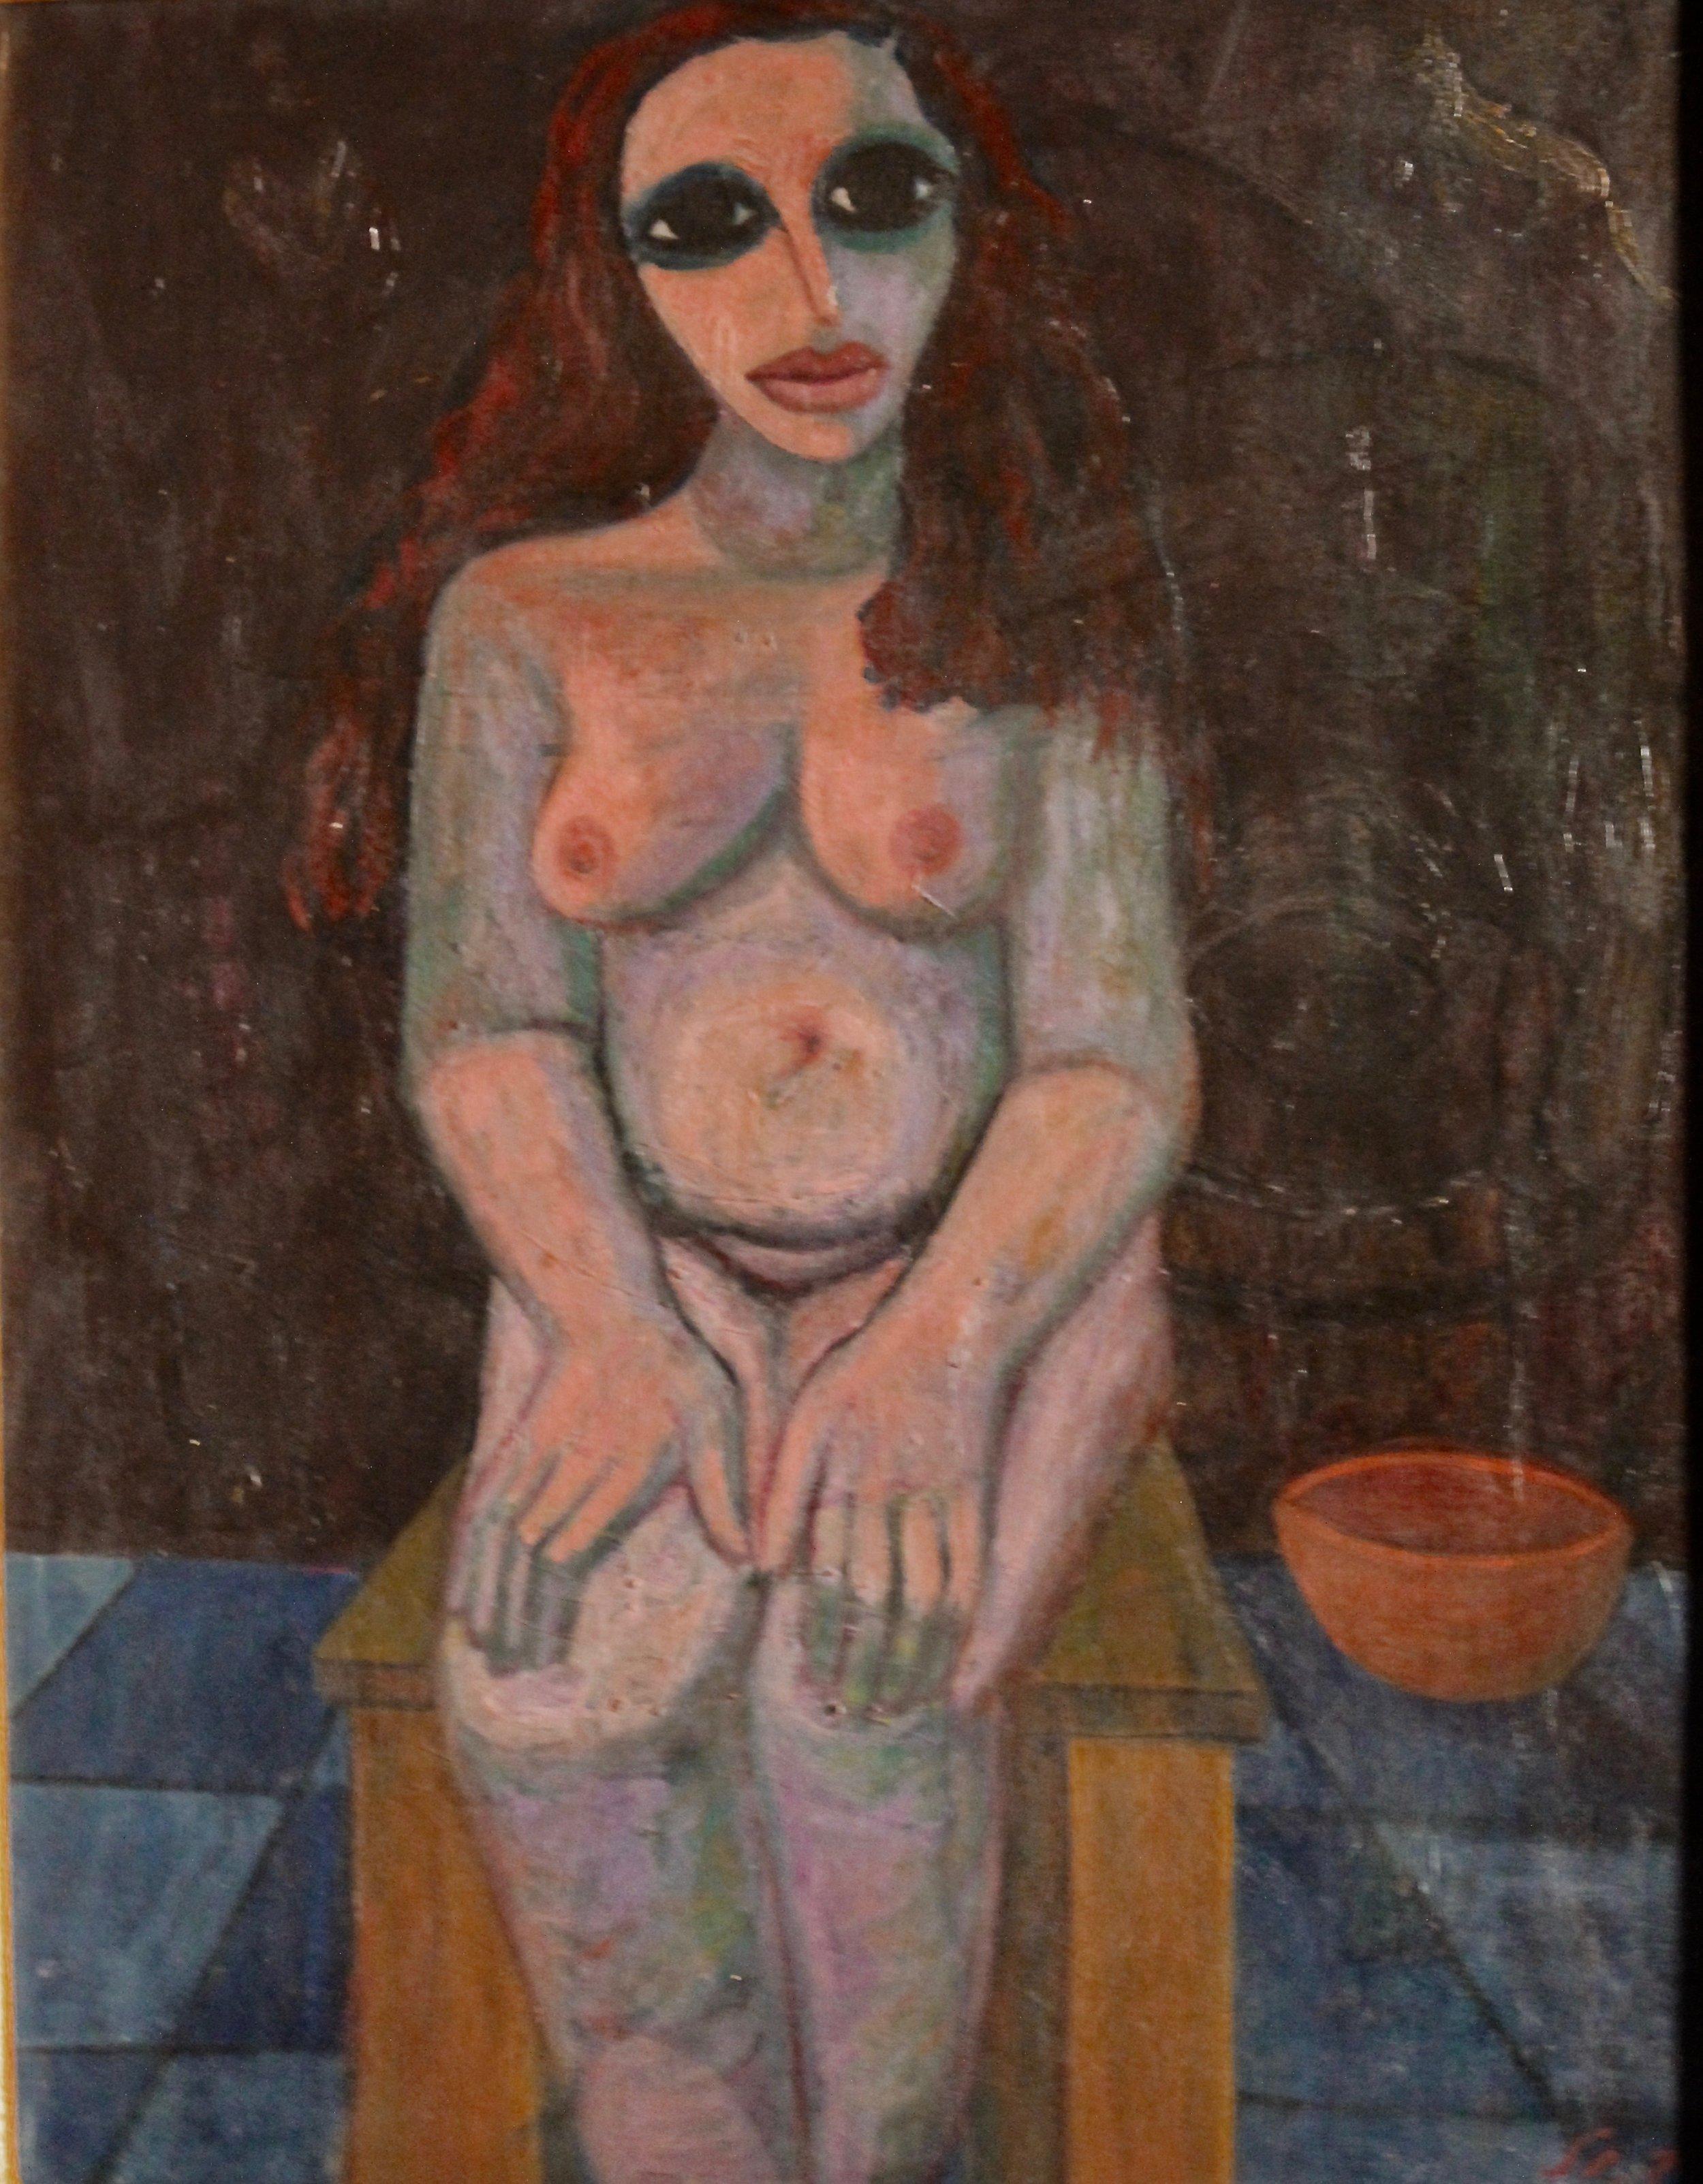 Ahmed-Morsi-Untitled-(Seated-Nude)-1959.jpg